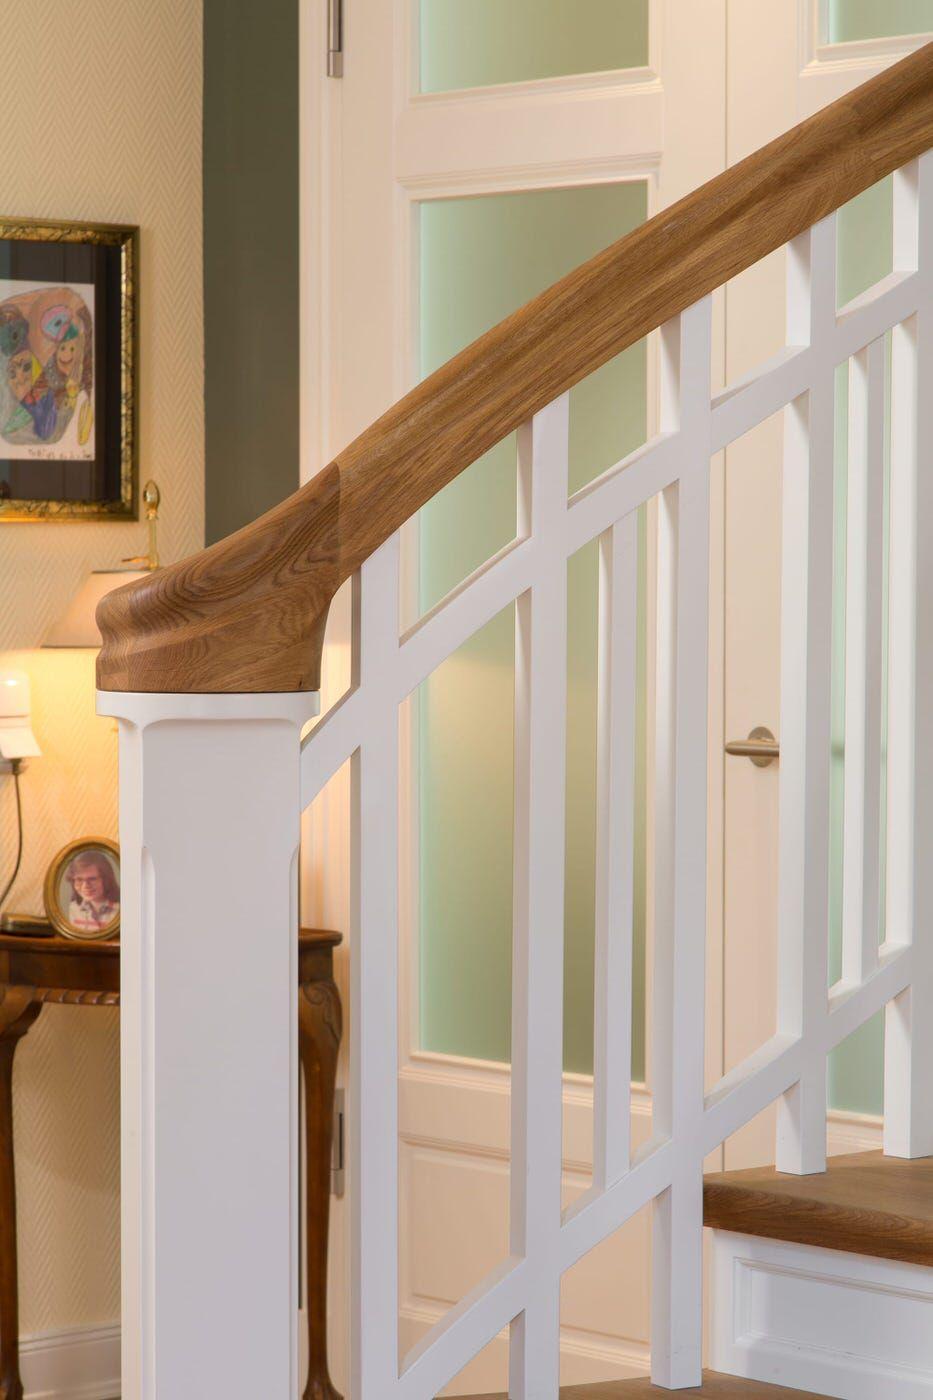 Voss Treppen ihre treppe unsere leidenschaft treppenbau voß treppe